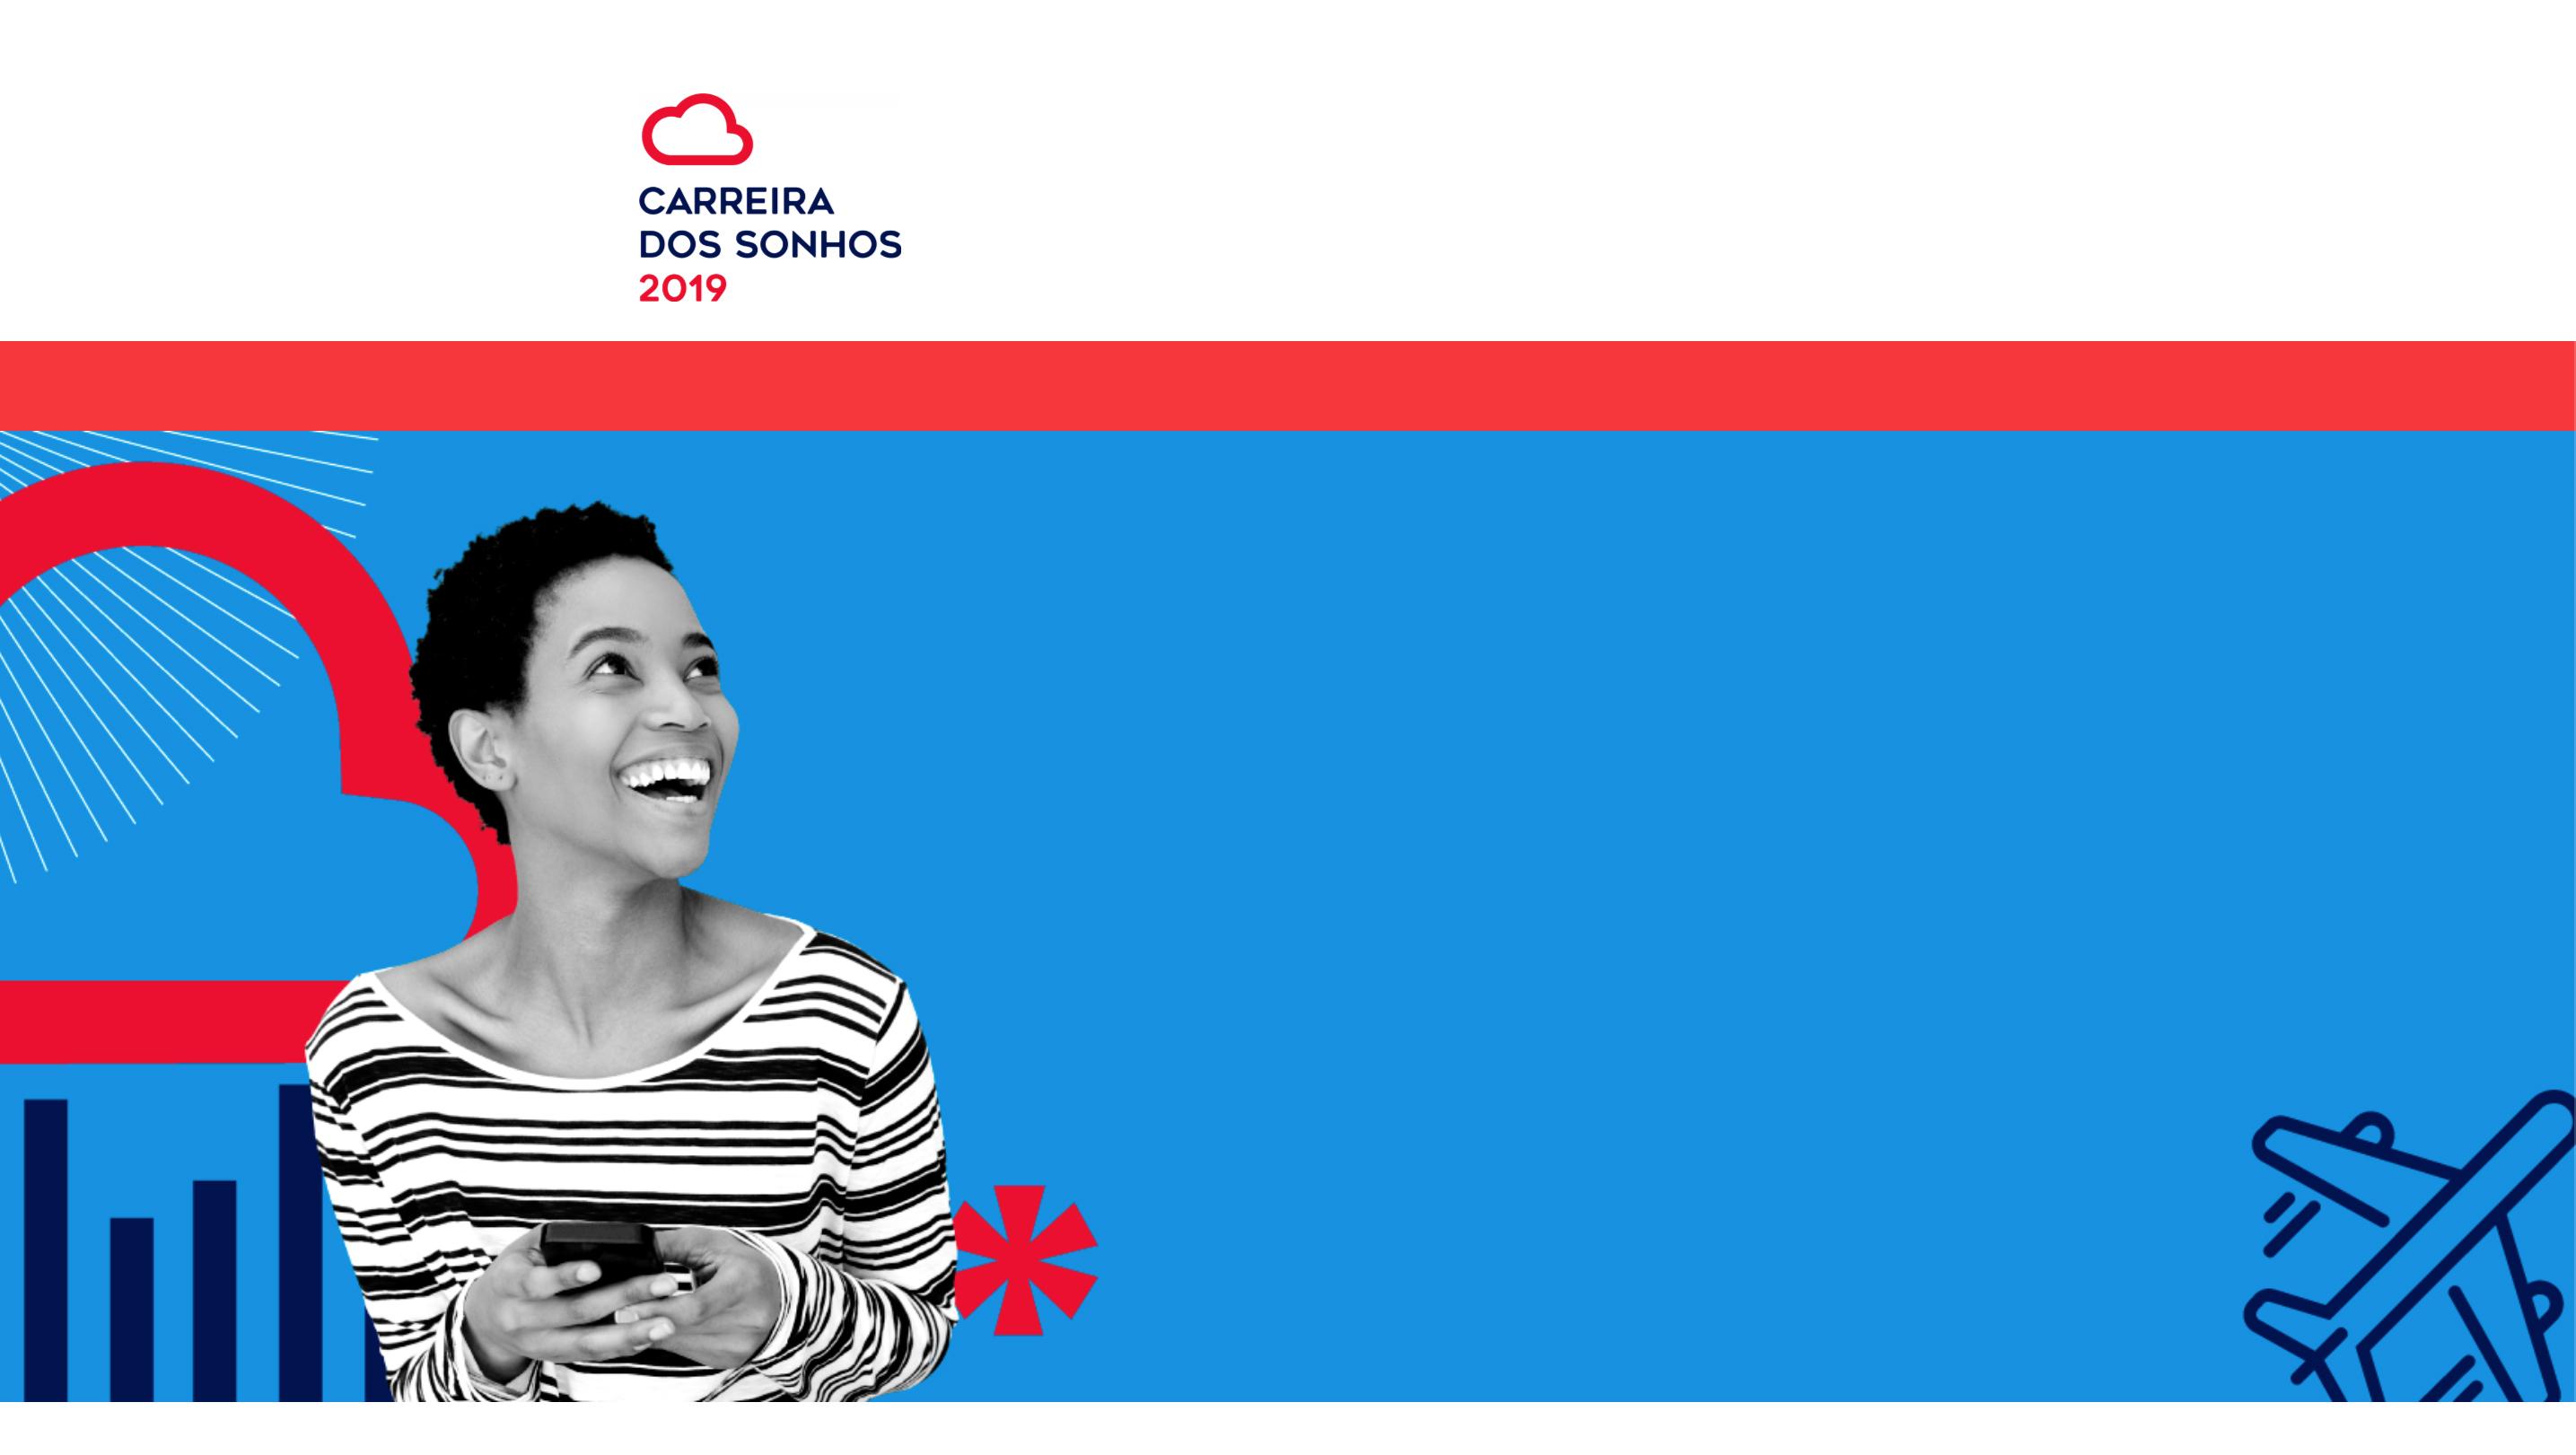 Carreira dos Sonhos 2019: participe da pesquisa e concorra a prêmios